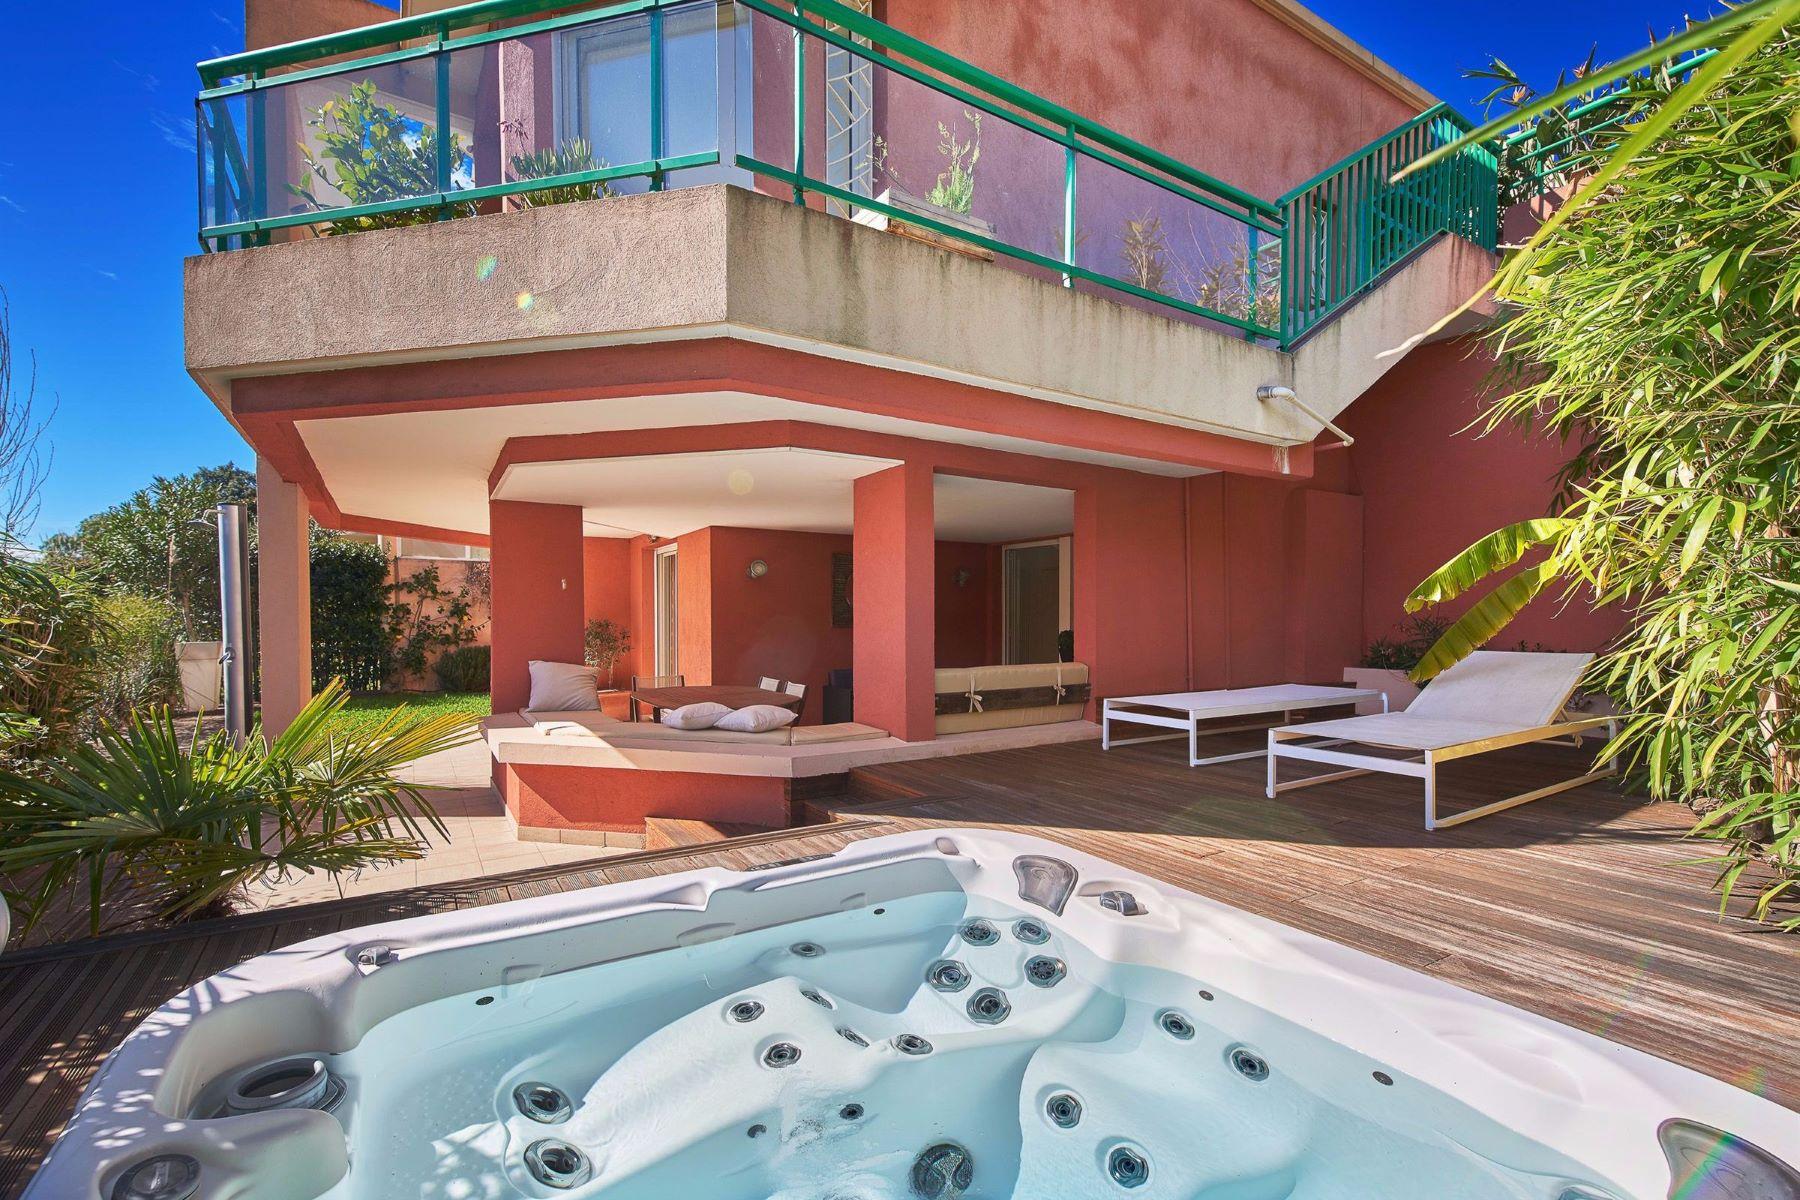 Частный односемейный дом для того Продажа на Californian style villa - open views - close to Cannes Mandelieu La Napoule, Прованс-Альпы-Лазурный Берег, 06210 Франция